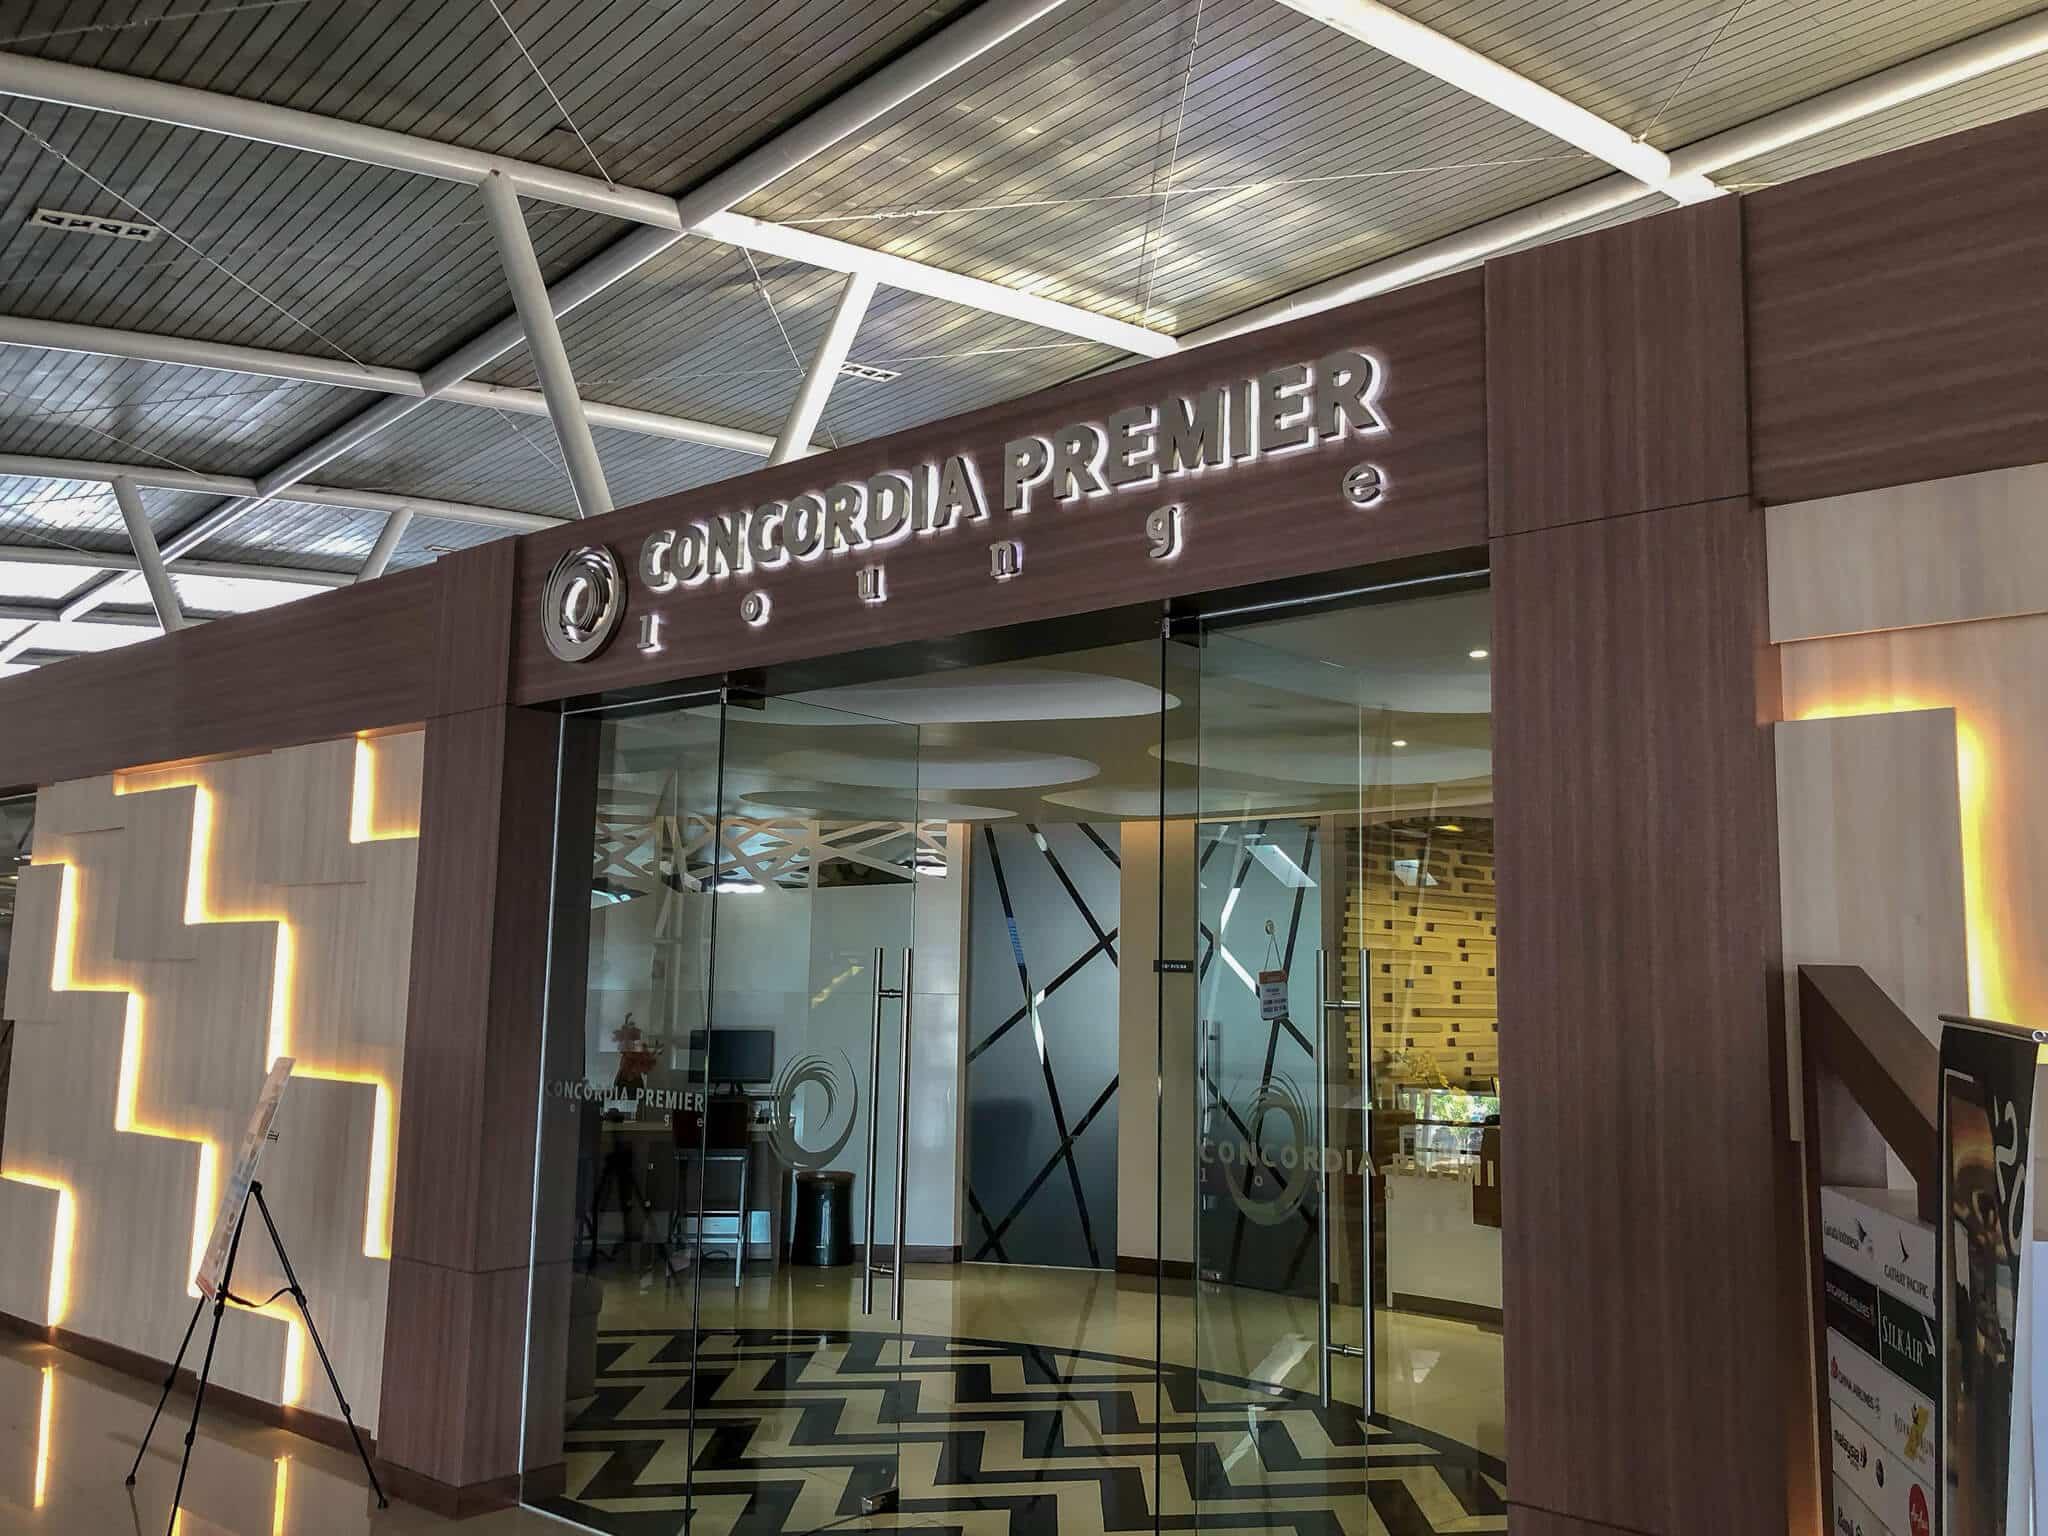 インドネシア・スラバヤ空港の国際線にプライオリティパスが使えるラウンジが登場!